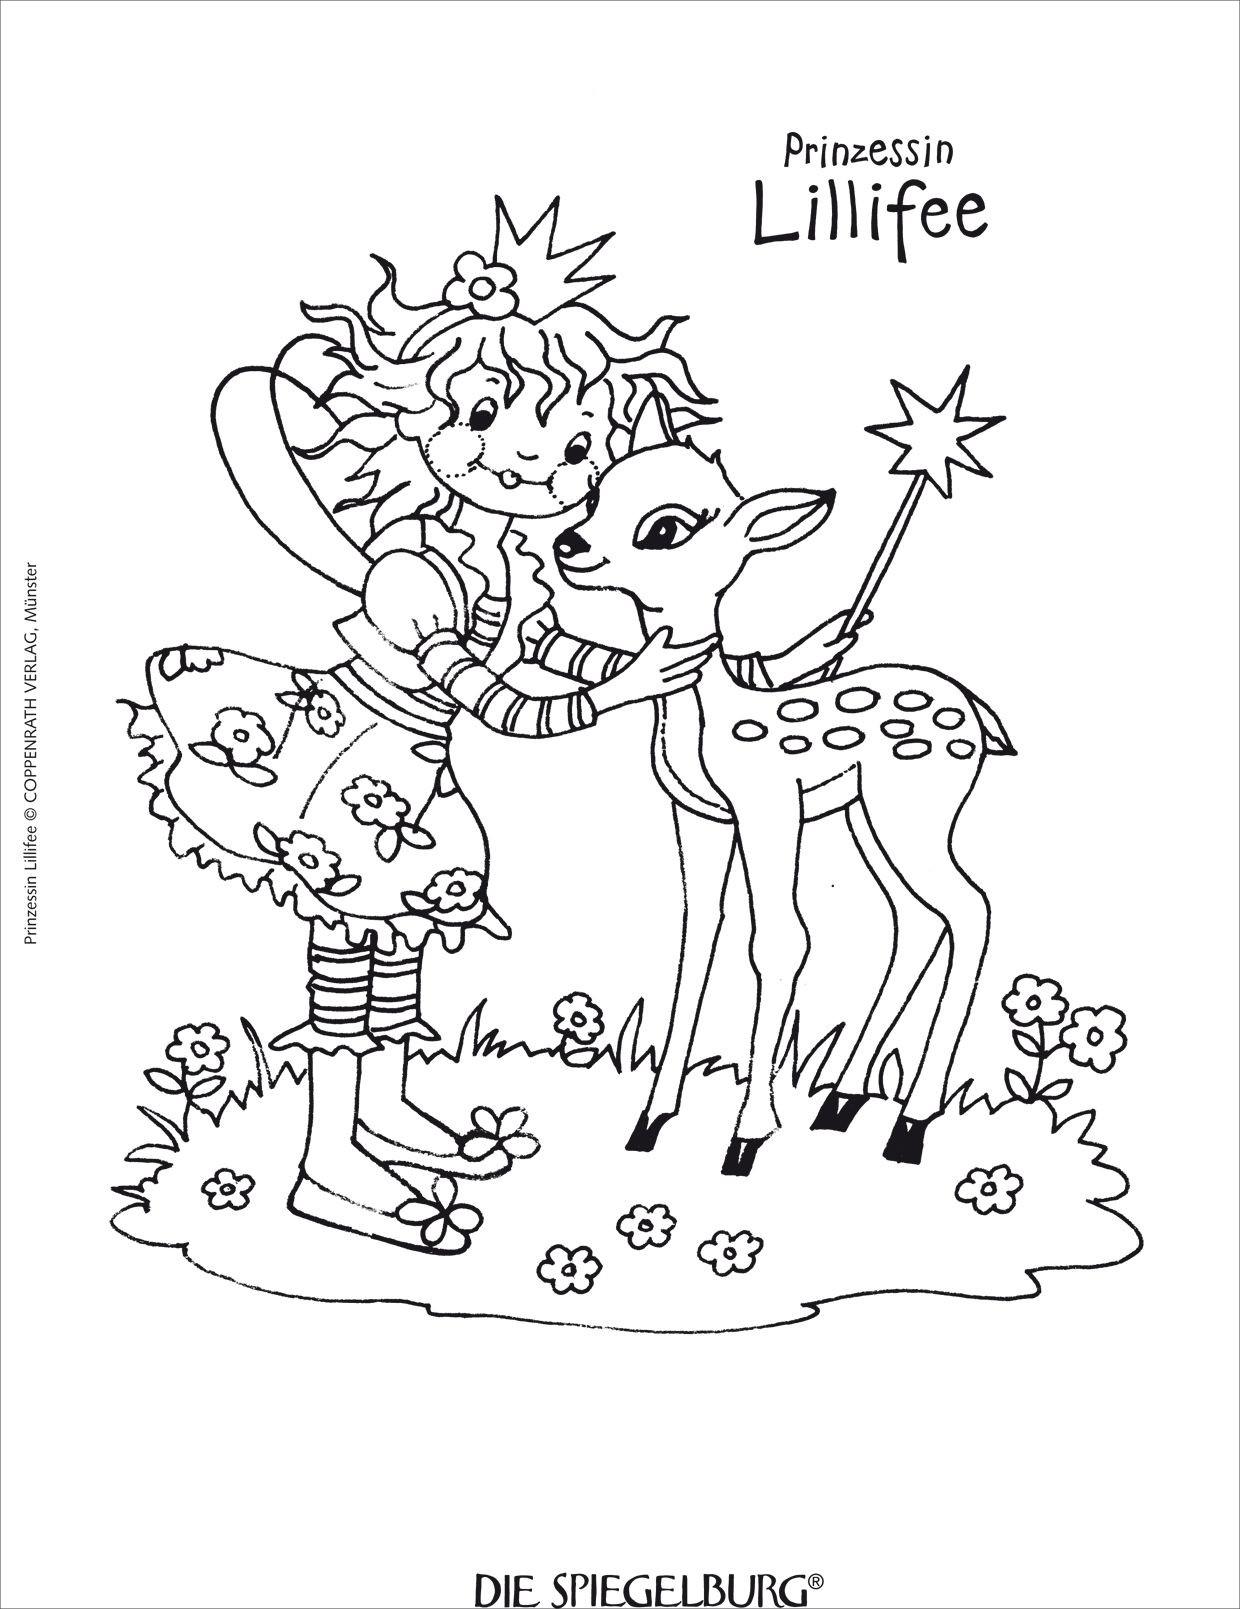 Ausmalbilder Prinzessin sofia Das Beste Von Prinzessin Lillifee Ausmalbilder Und Malvorlagen Ipdd Bild